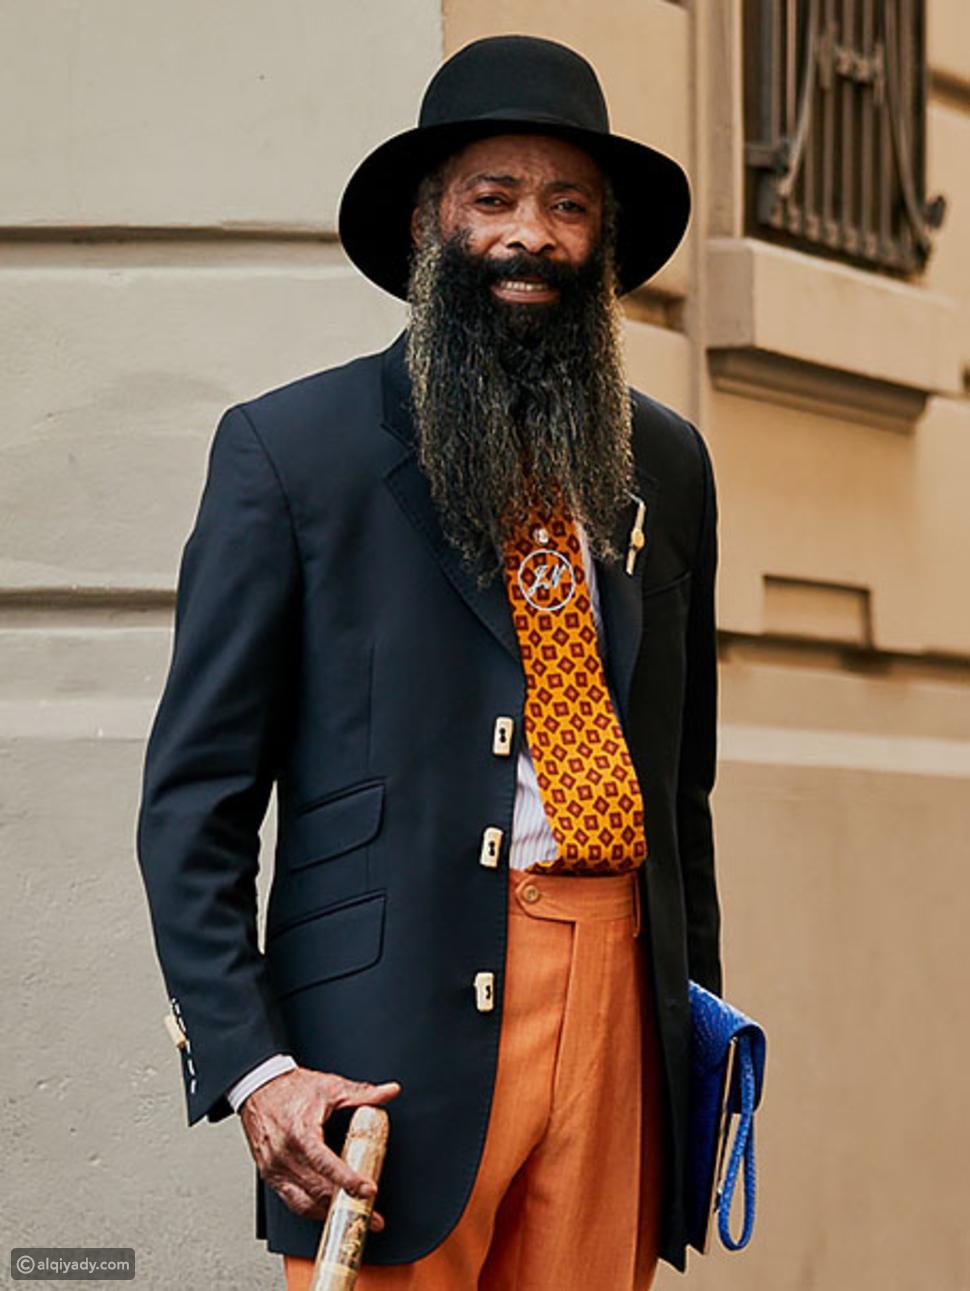 Biker Beard: